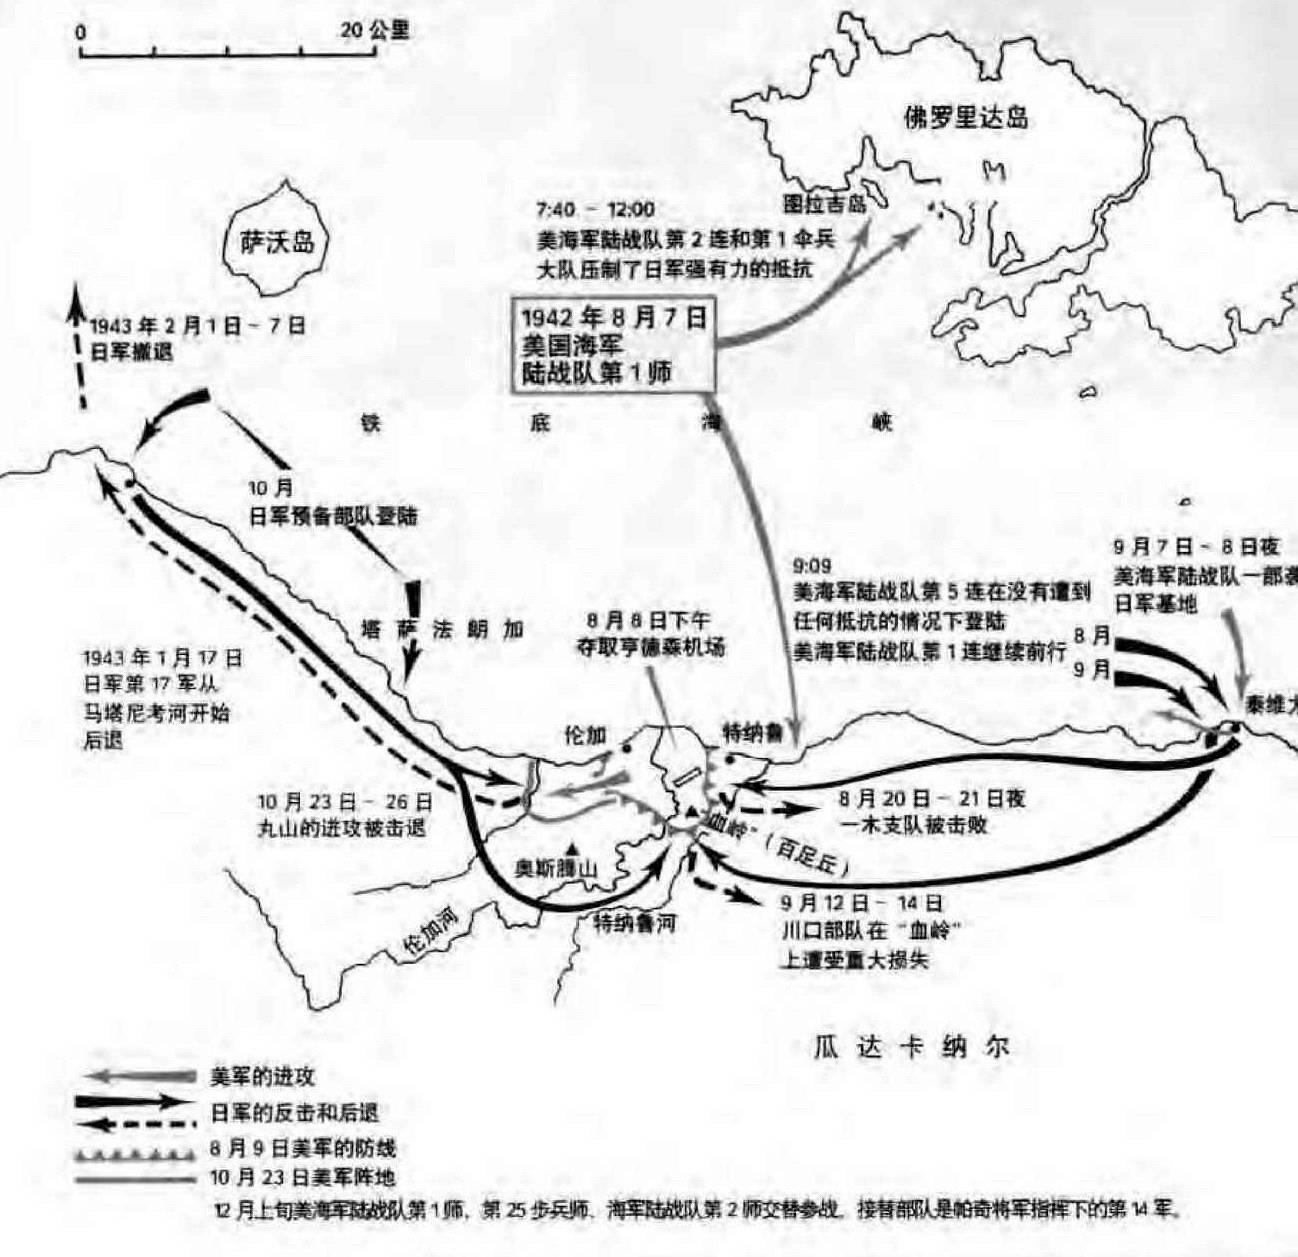 中途岛战役地图